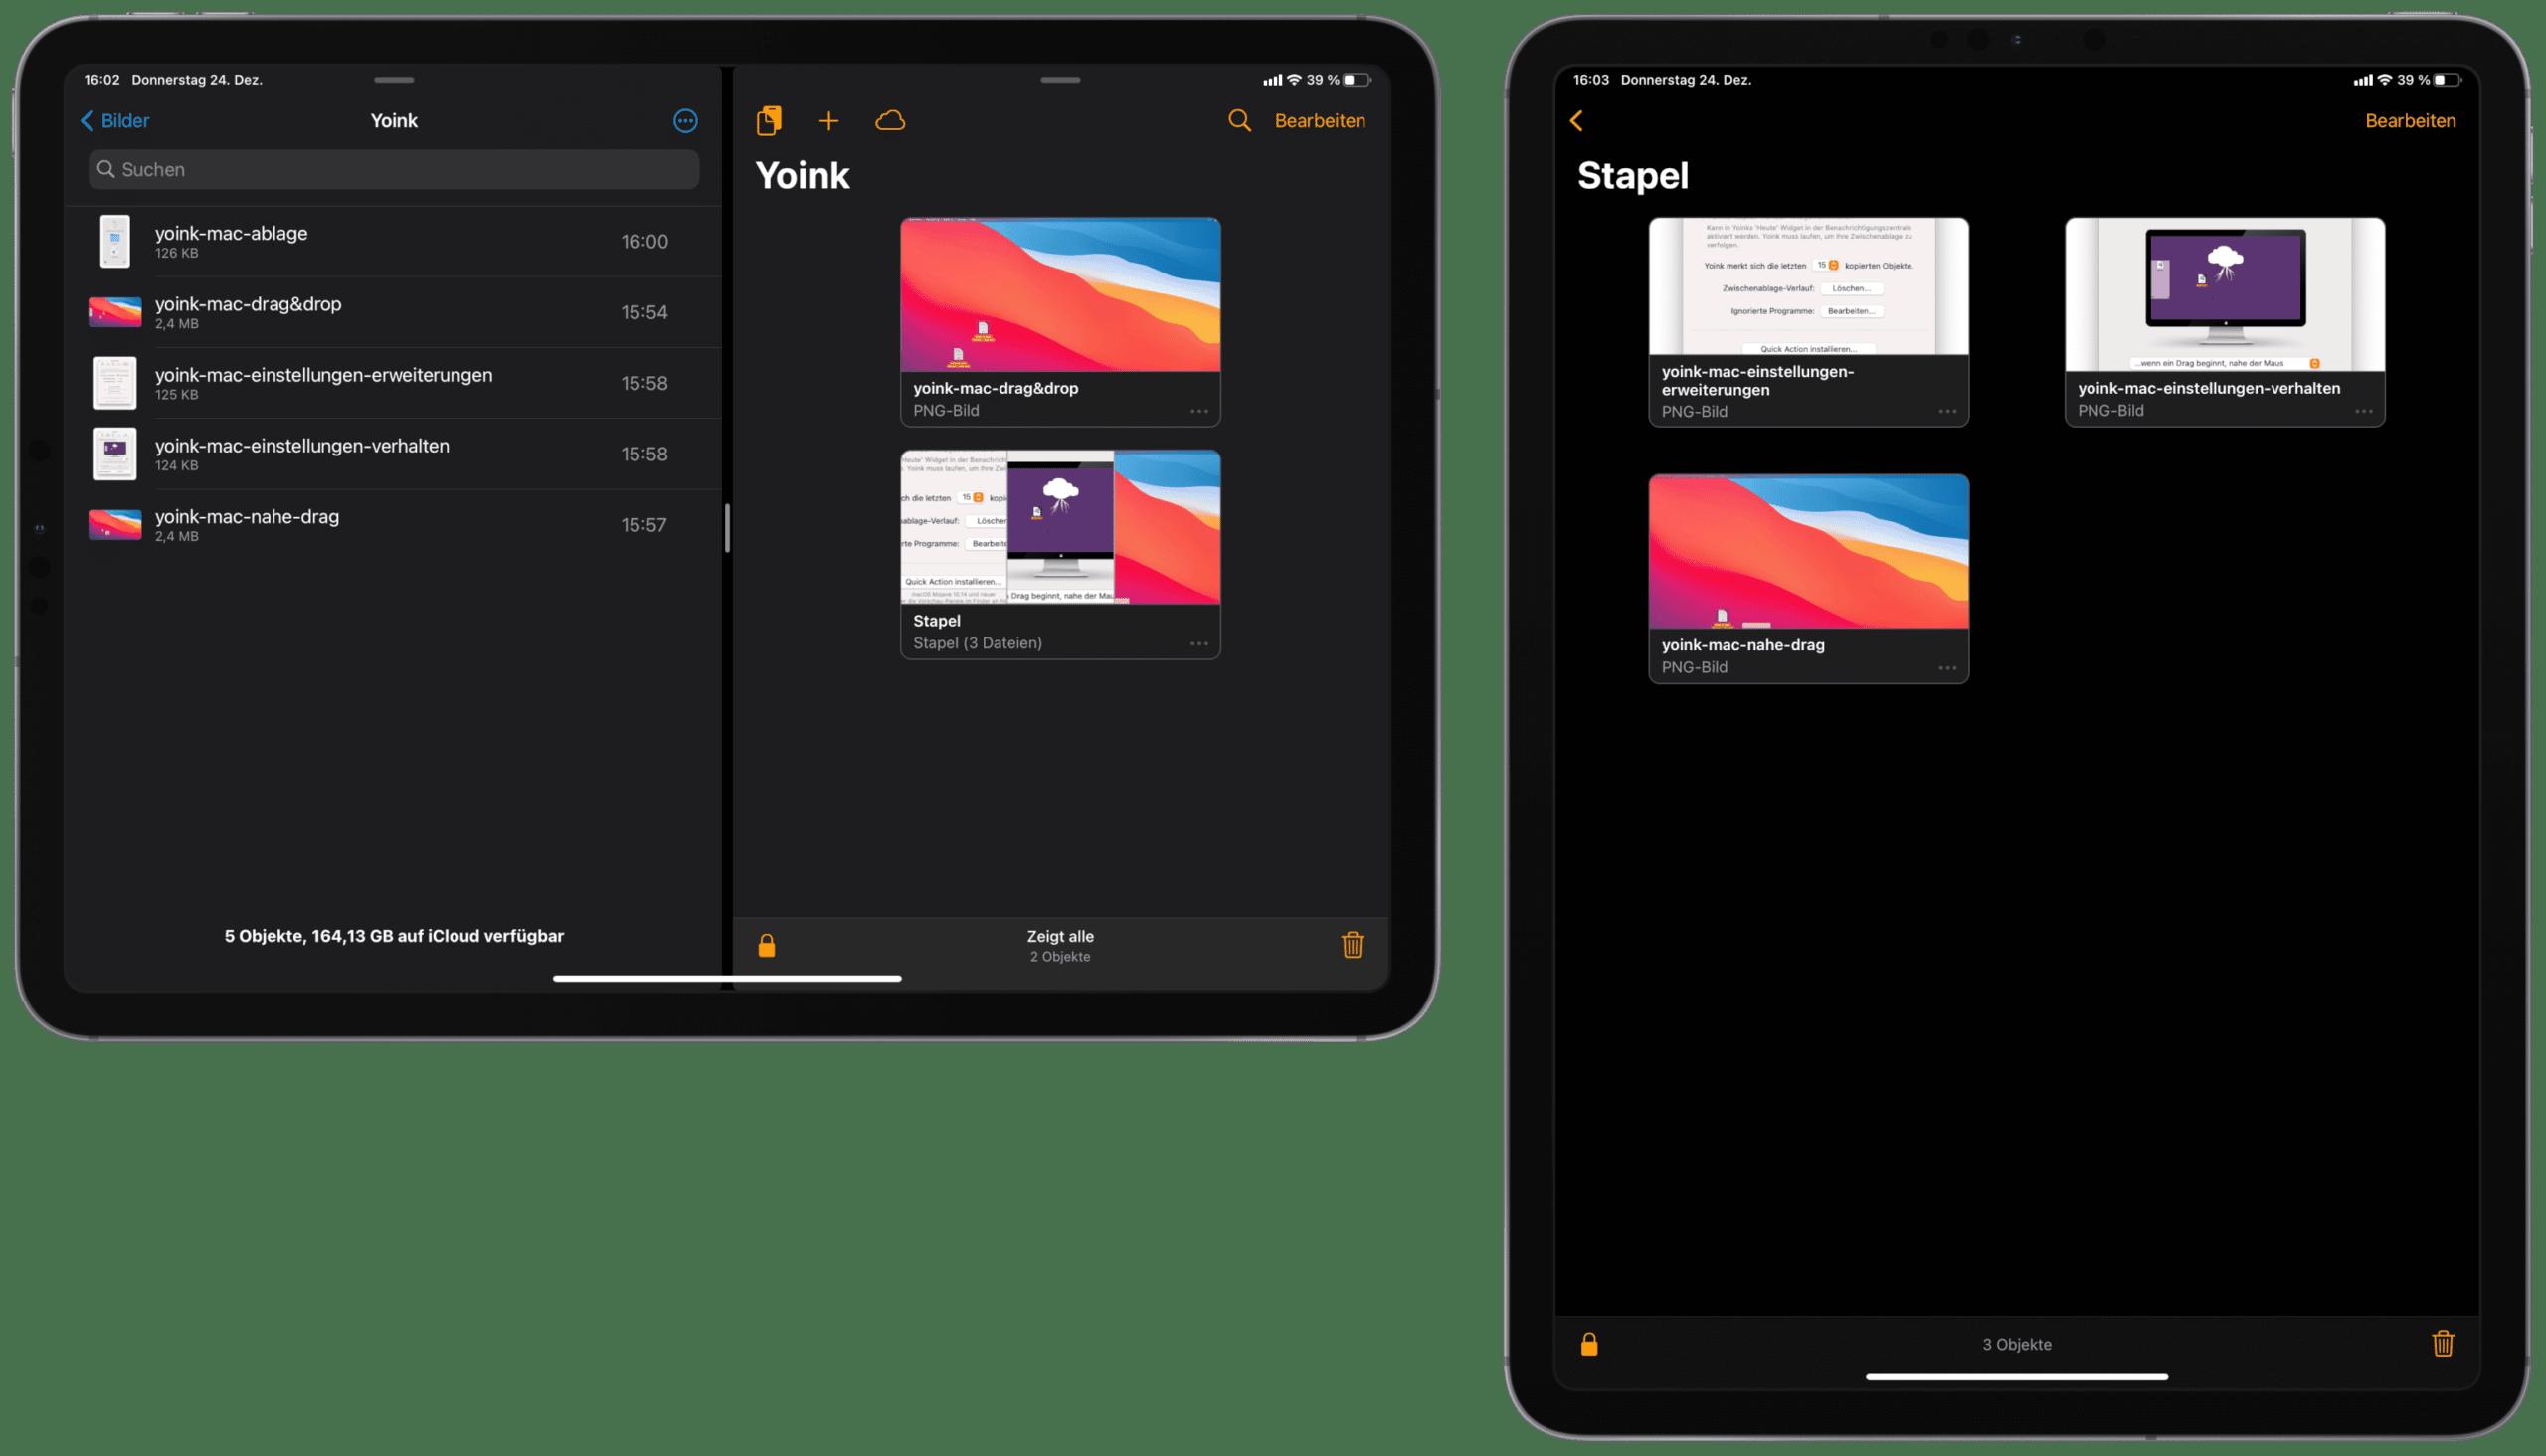 Yoink iPadOS Ablage Dateien